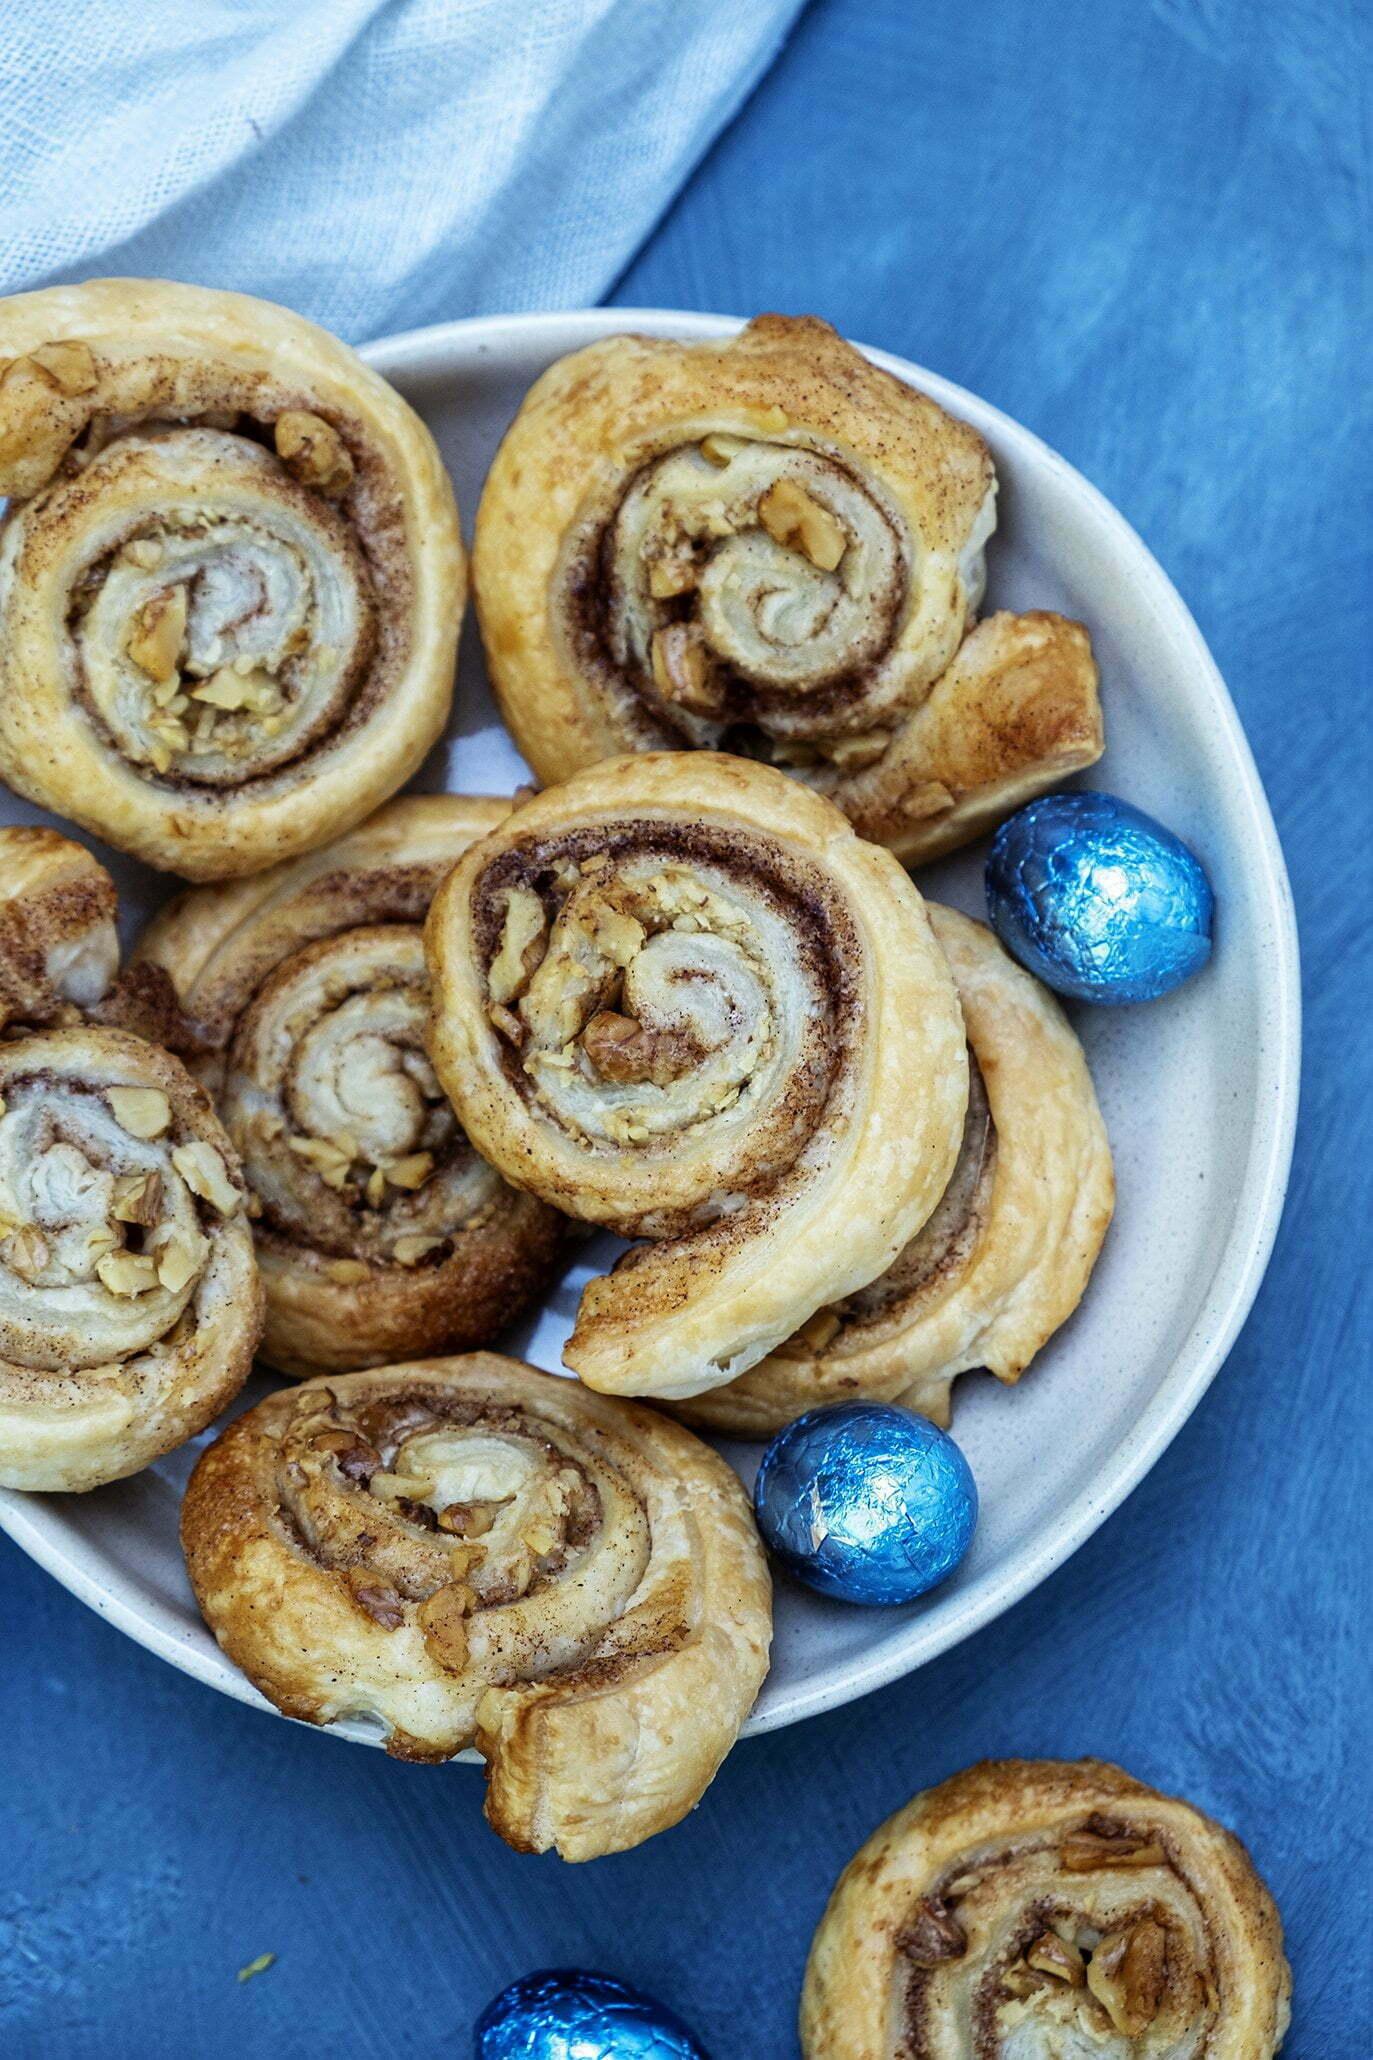 Pin: Cinnamon Rolls (Kaneelbroodjes) met walnoten